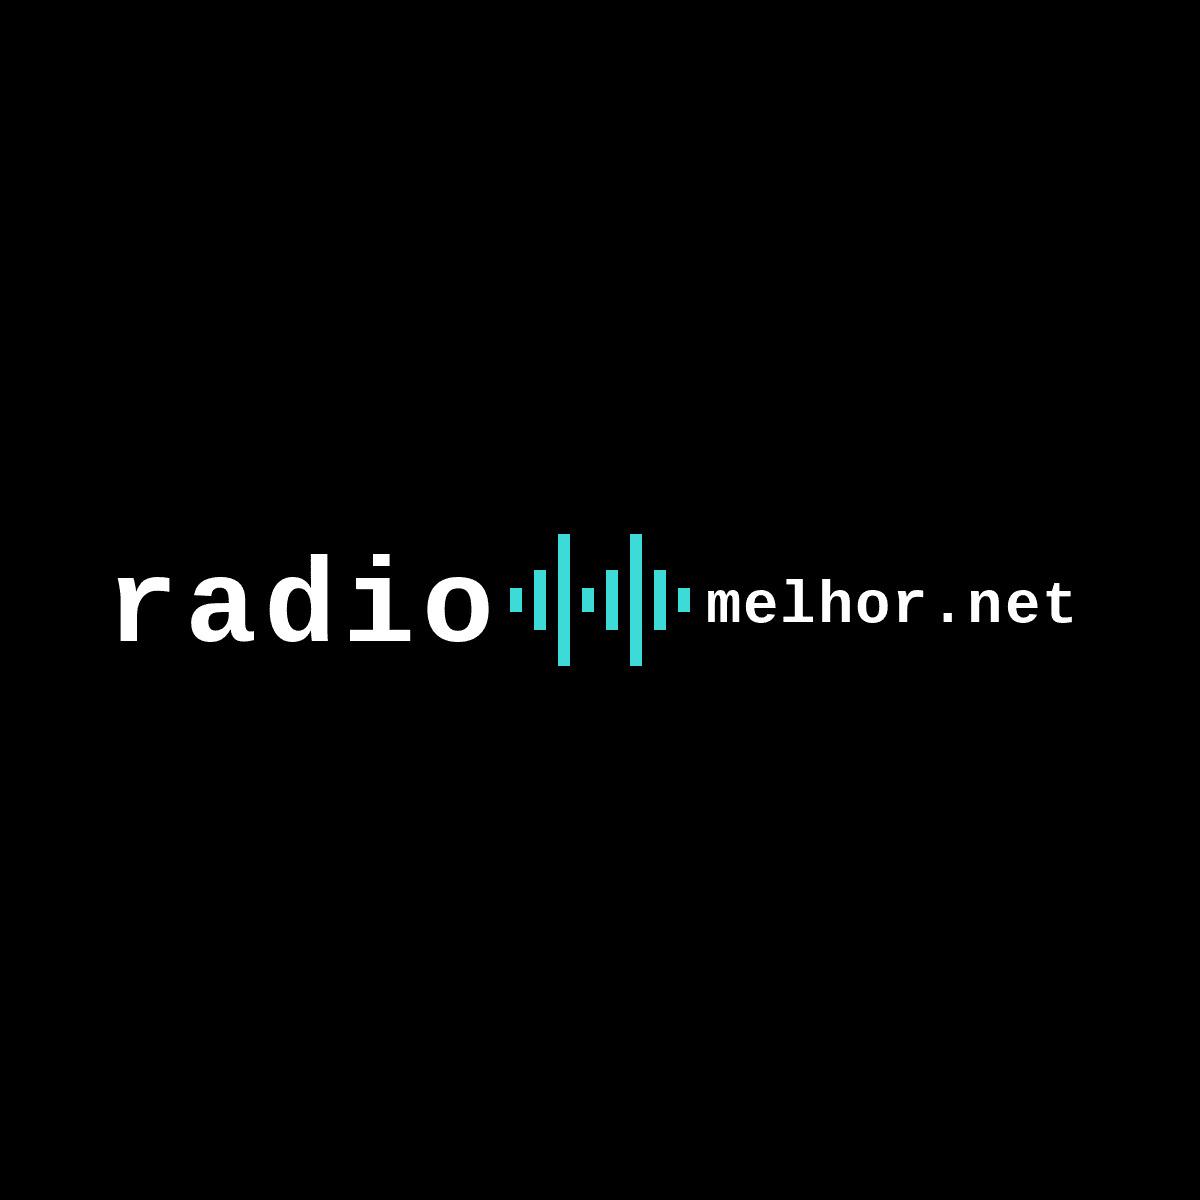 Rádio Melhor